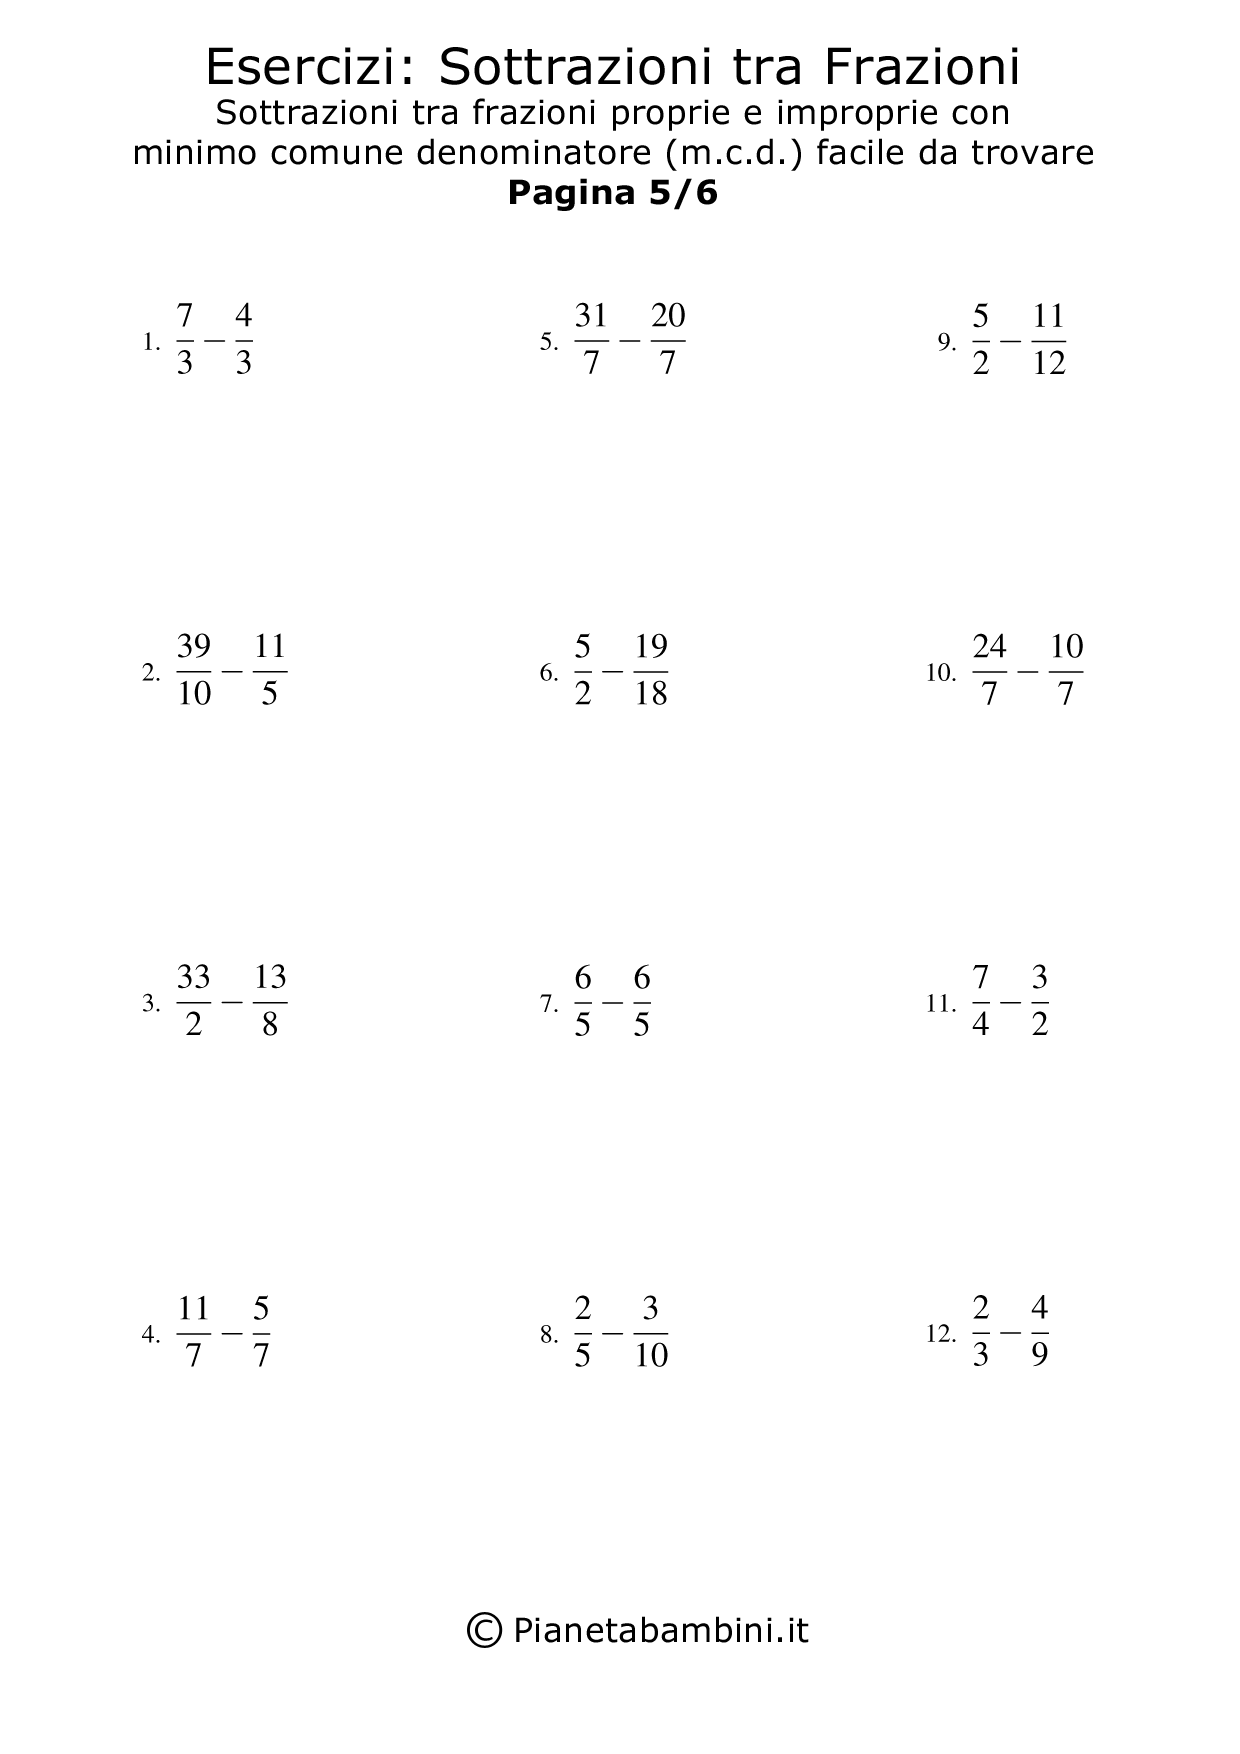 Sottrazioni-Frazioni-m.c.d.-Facile_5